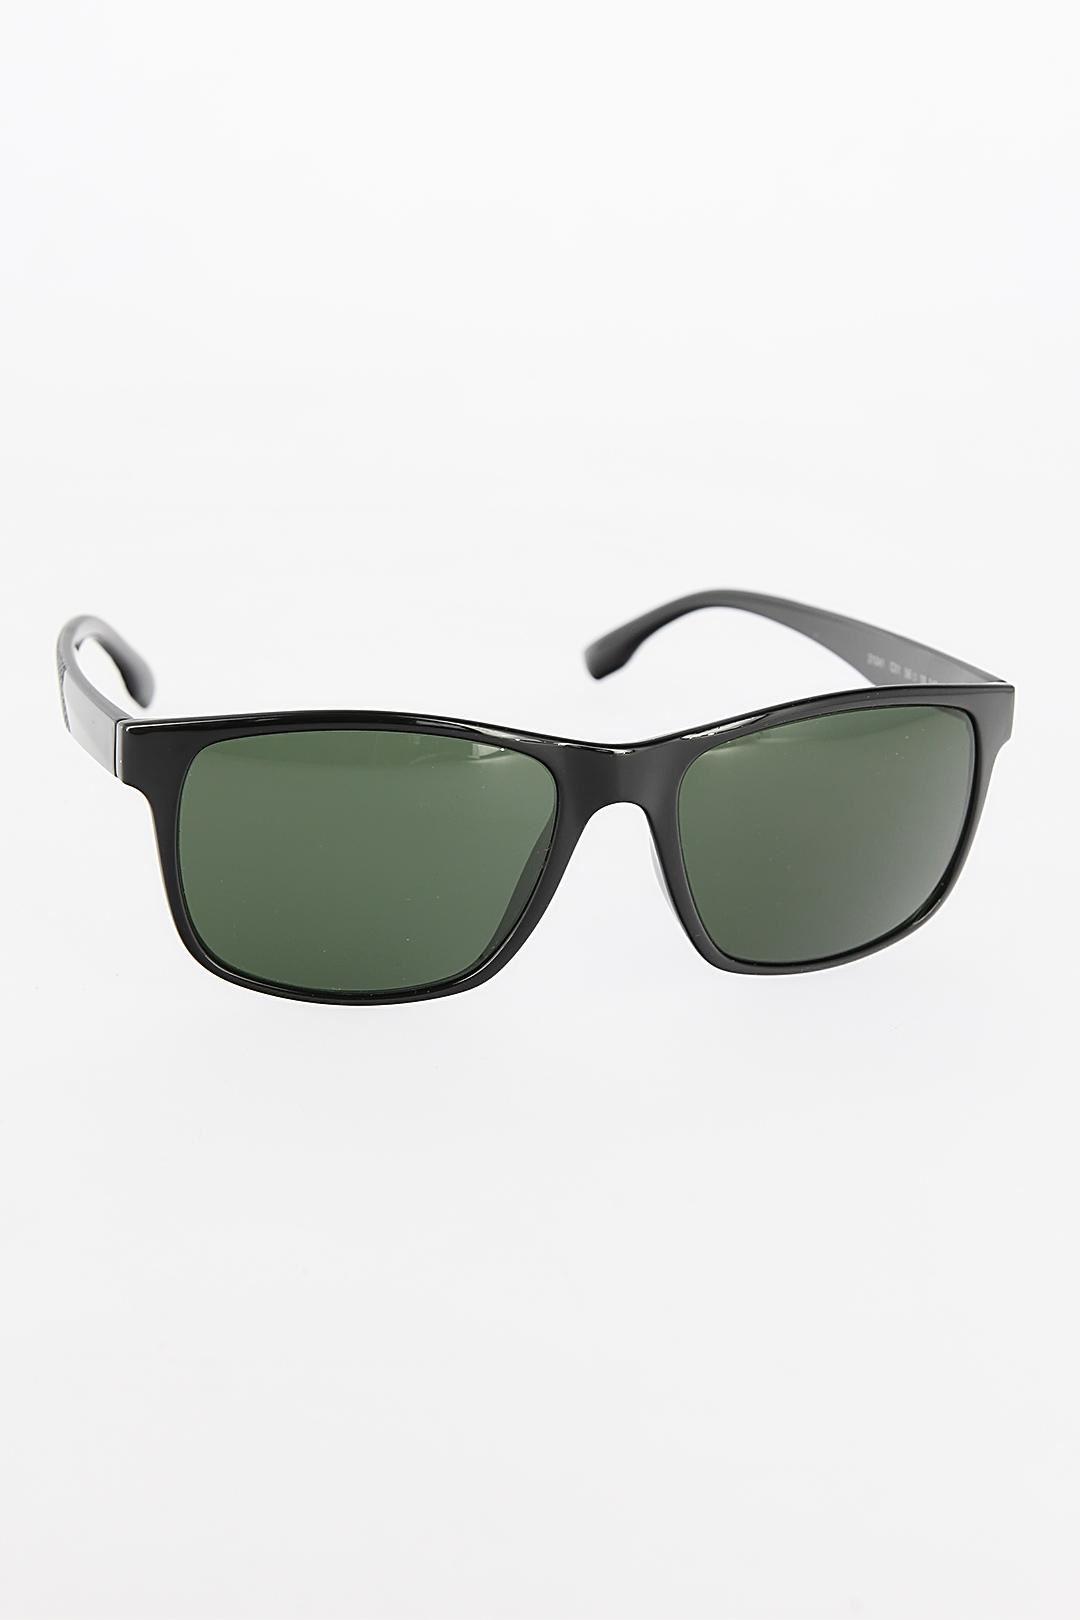 Siyah Renk Dikdörtgen Yeşil Renk Camlı Çerçeveli Erkek Güneş Gözlüğü